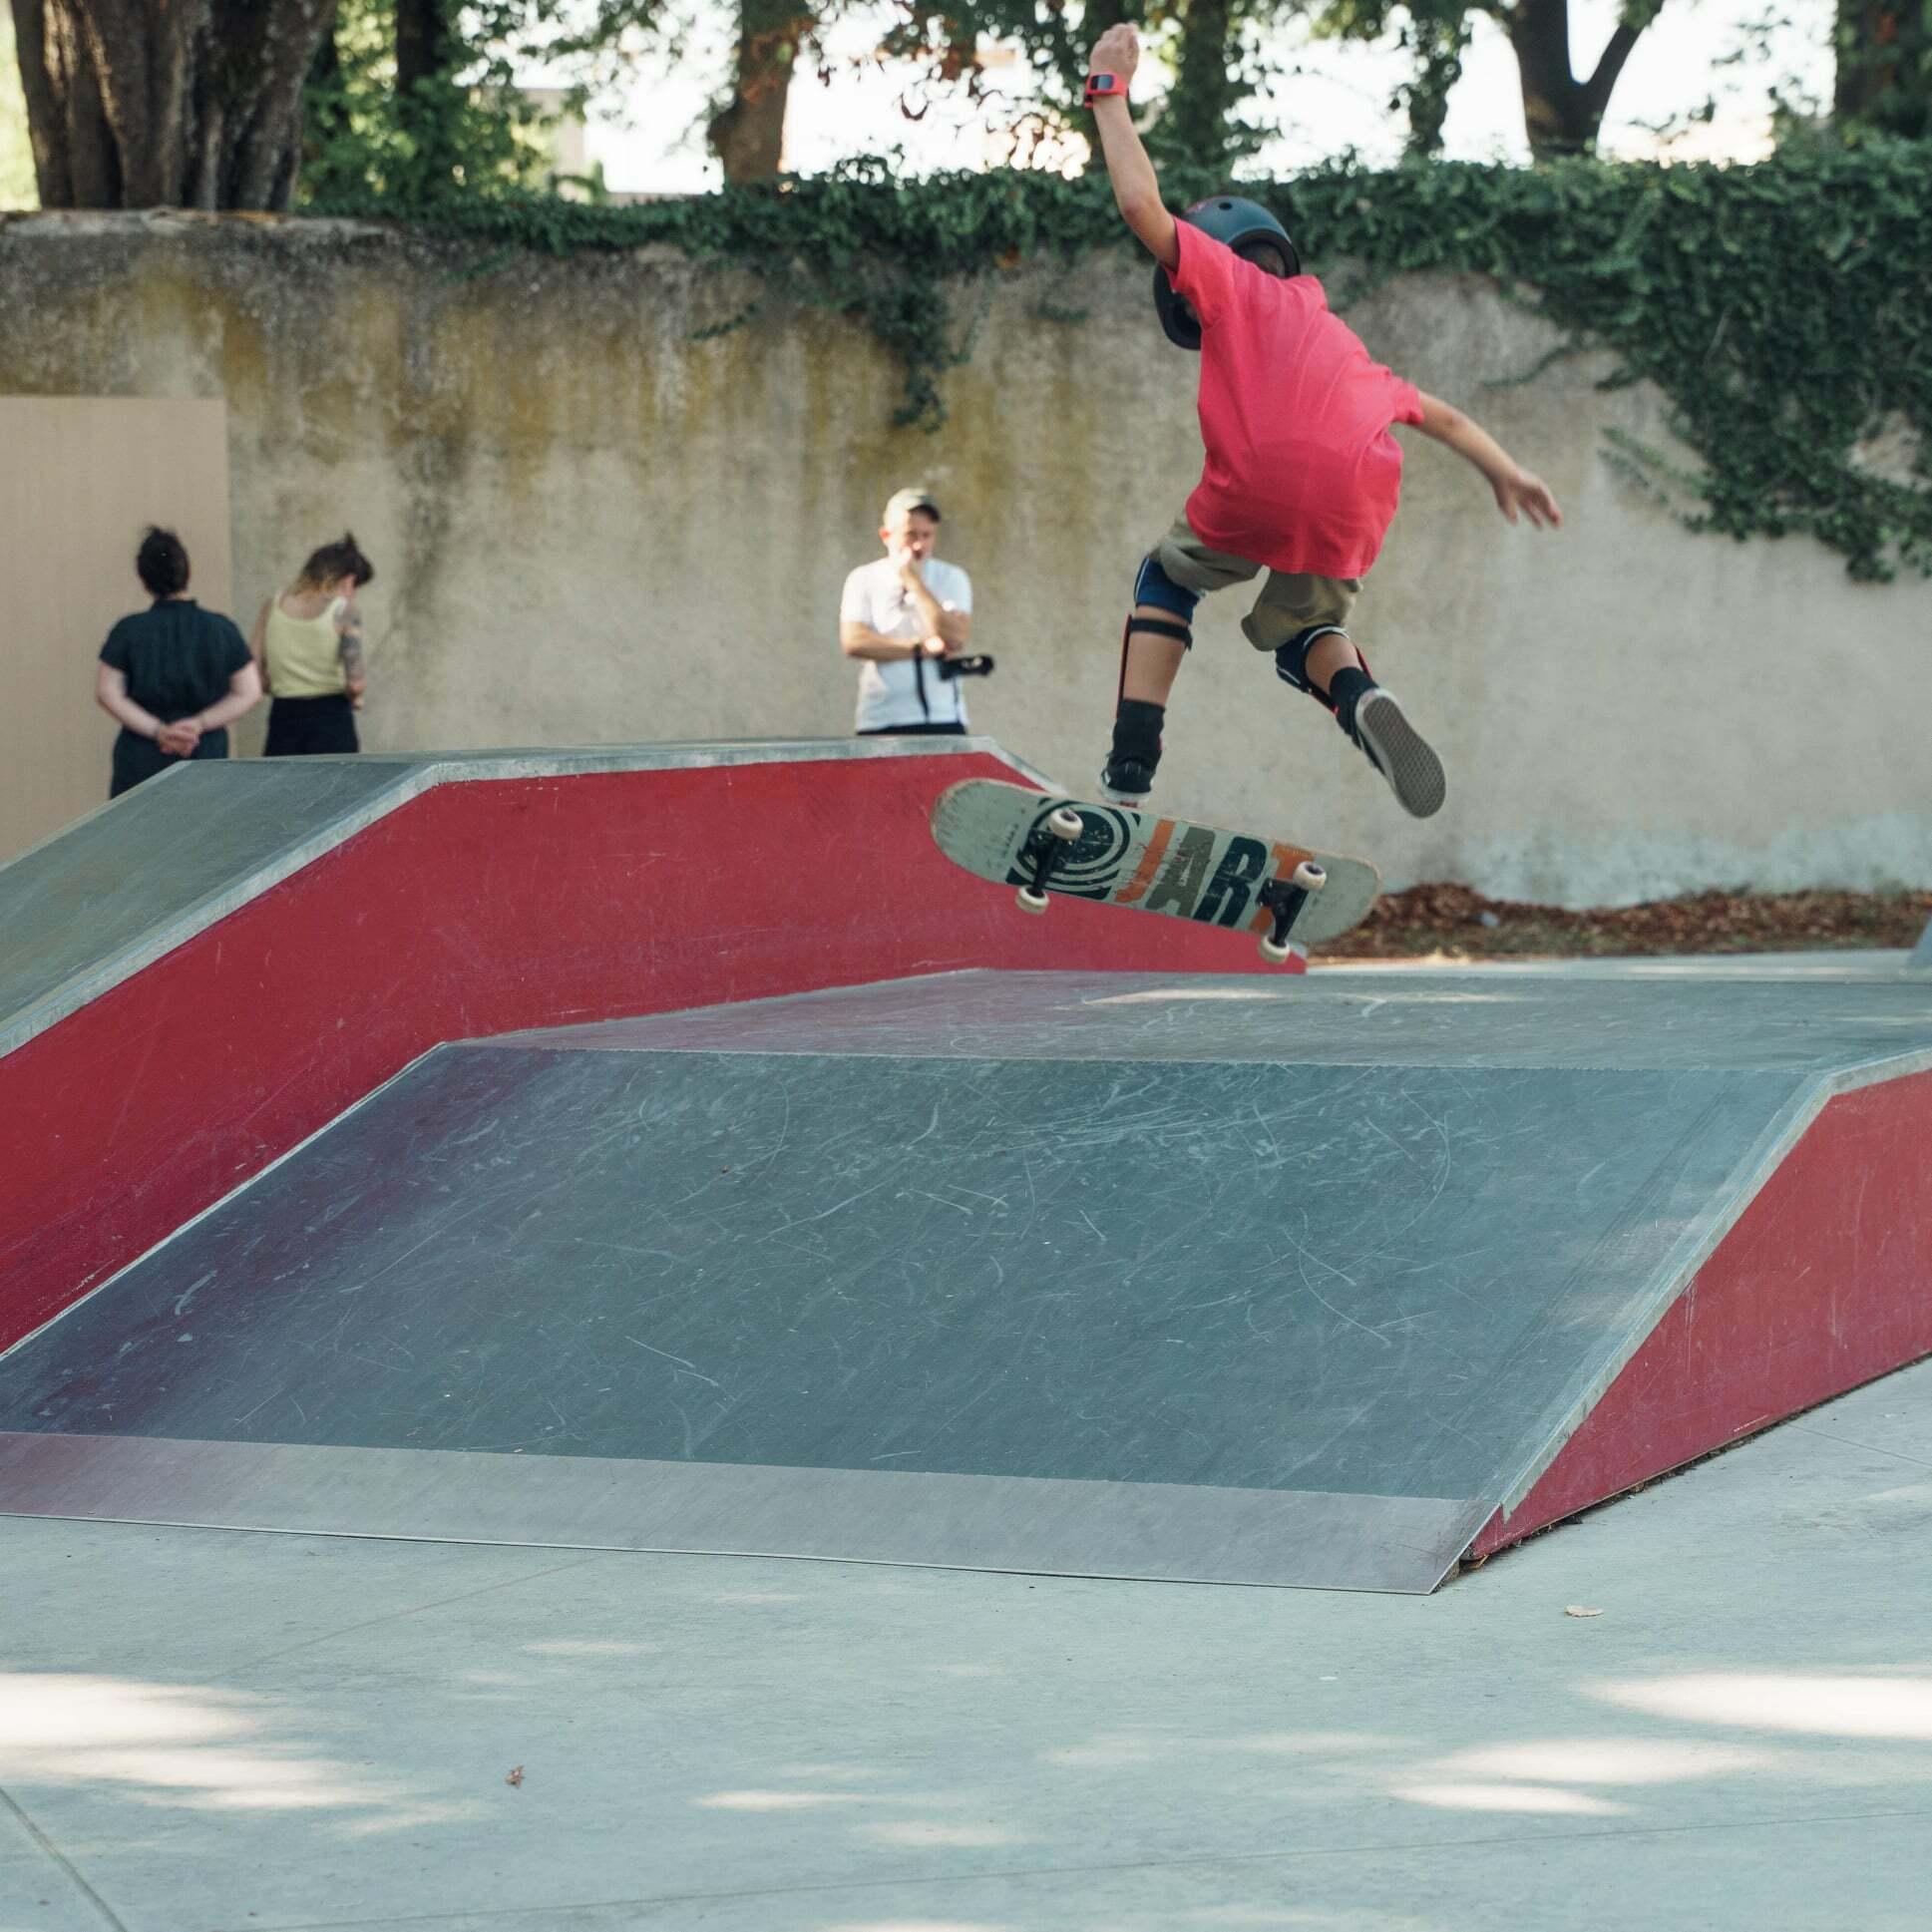 Il brivido di skateboarding